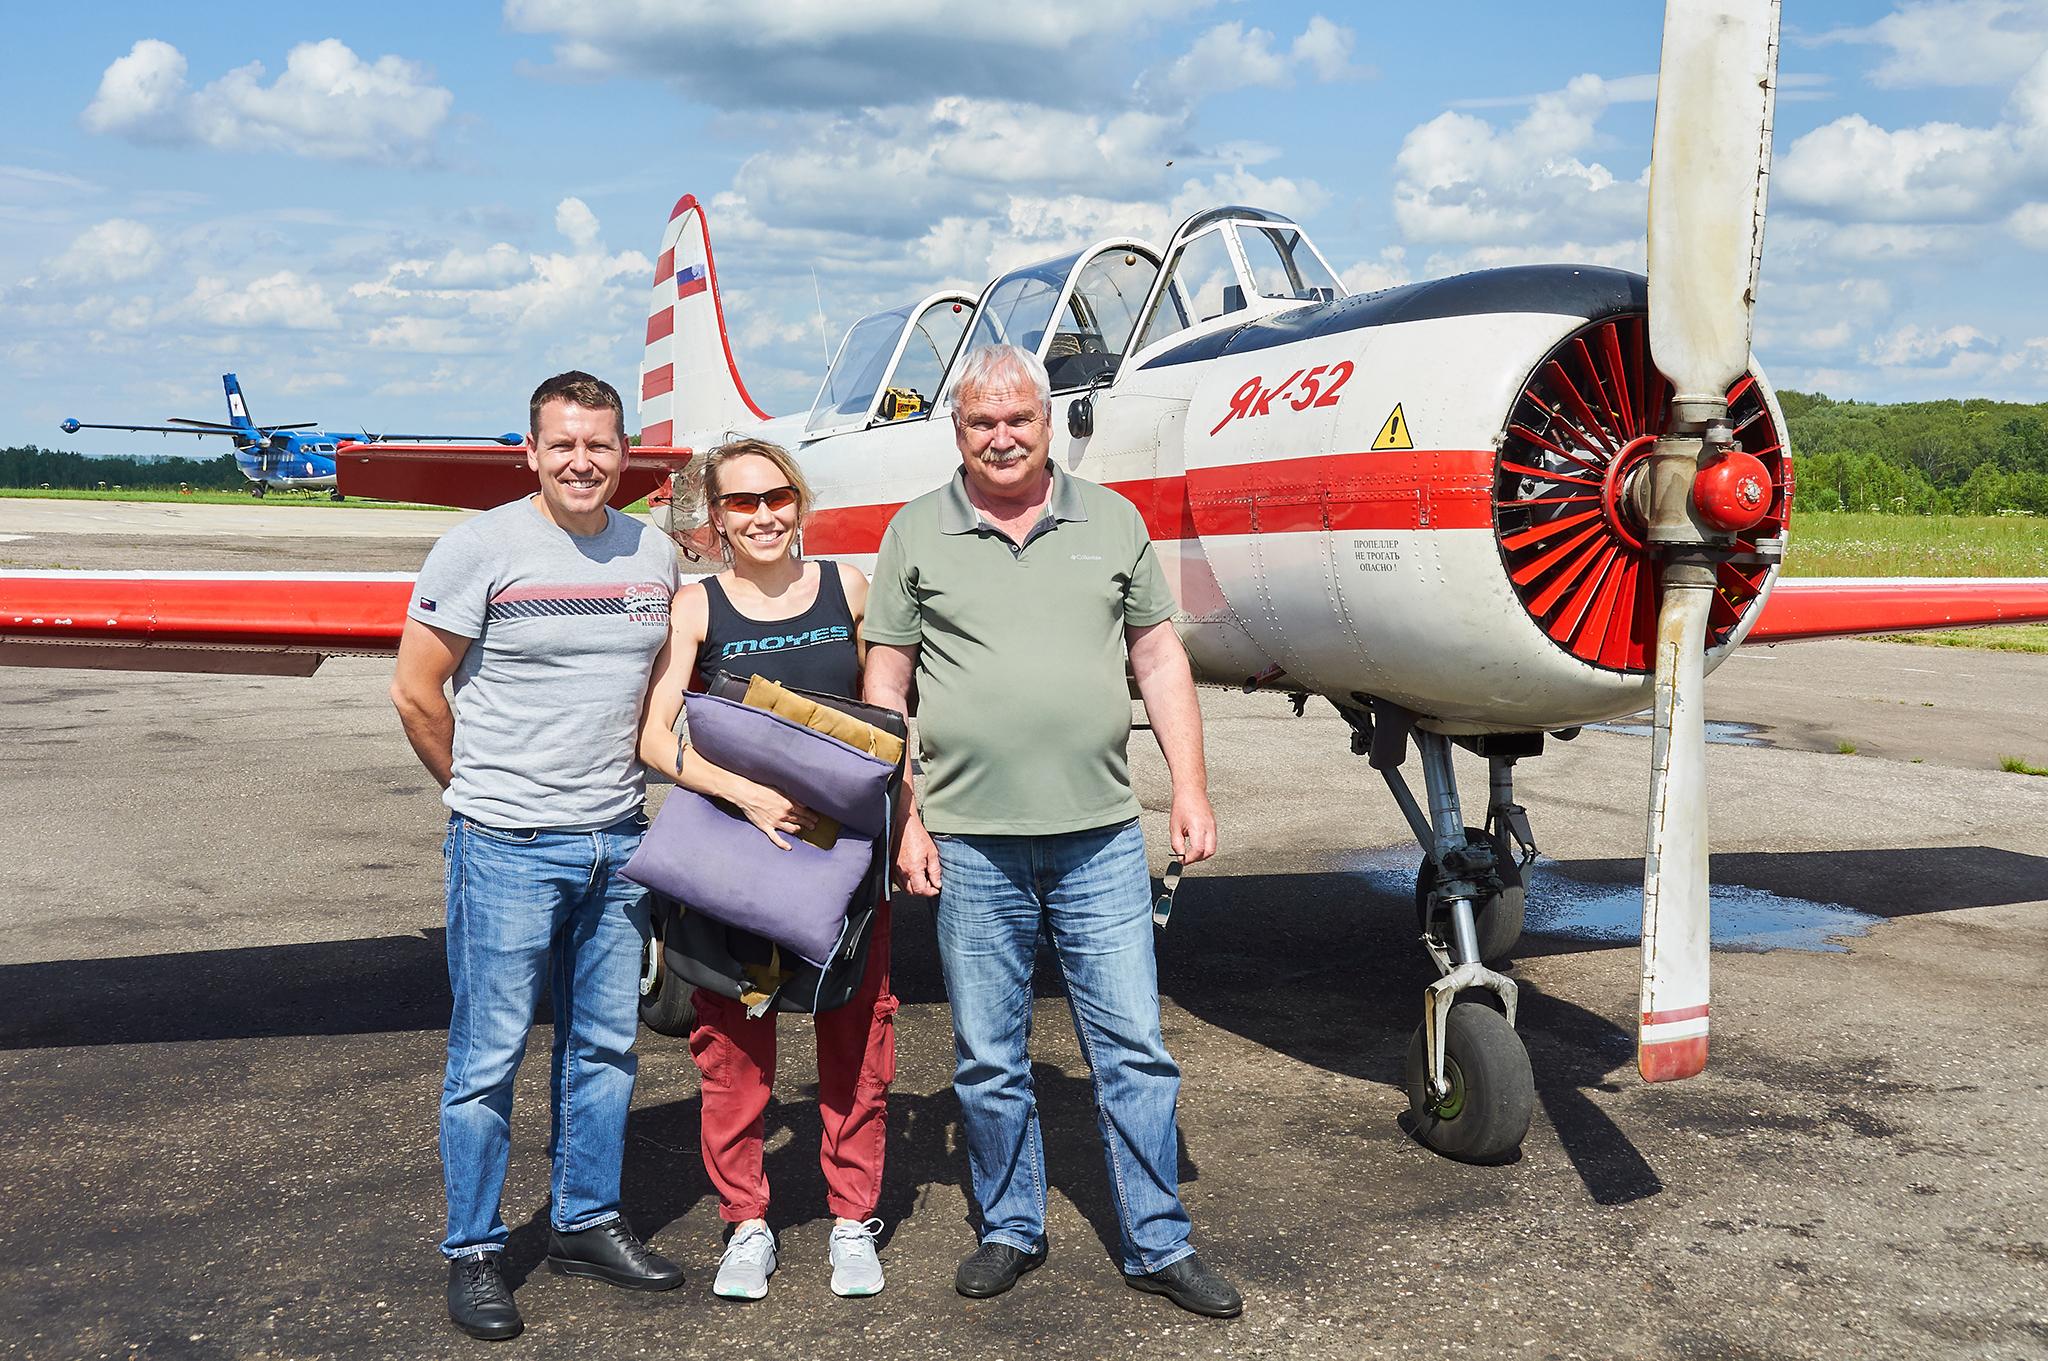 First training flight in the Yak-52 - Первый тренировочный полёт на Як-52